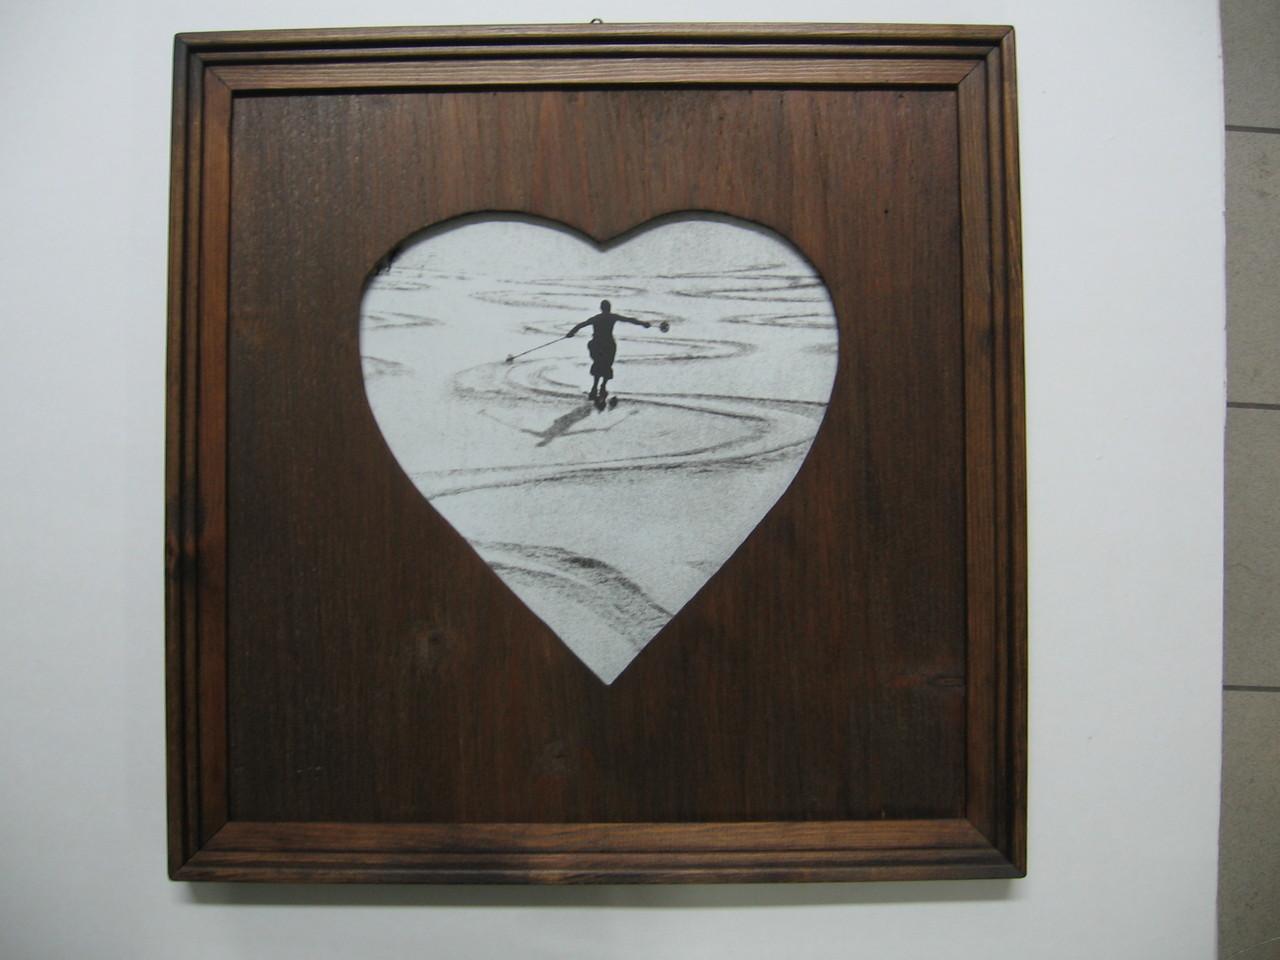 Foto d'epoca con cornice in legno anticato e passepartout in legno con apertura a forma di cuore.